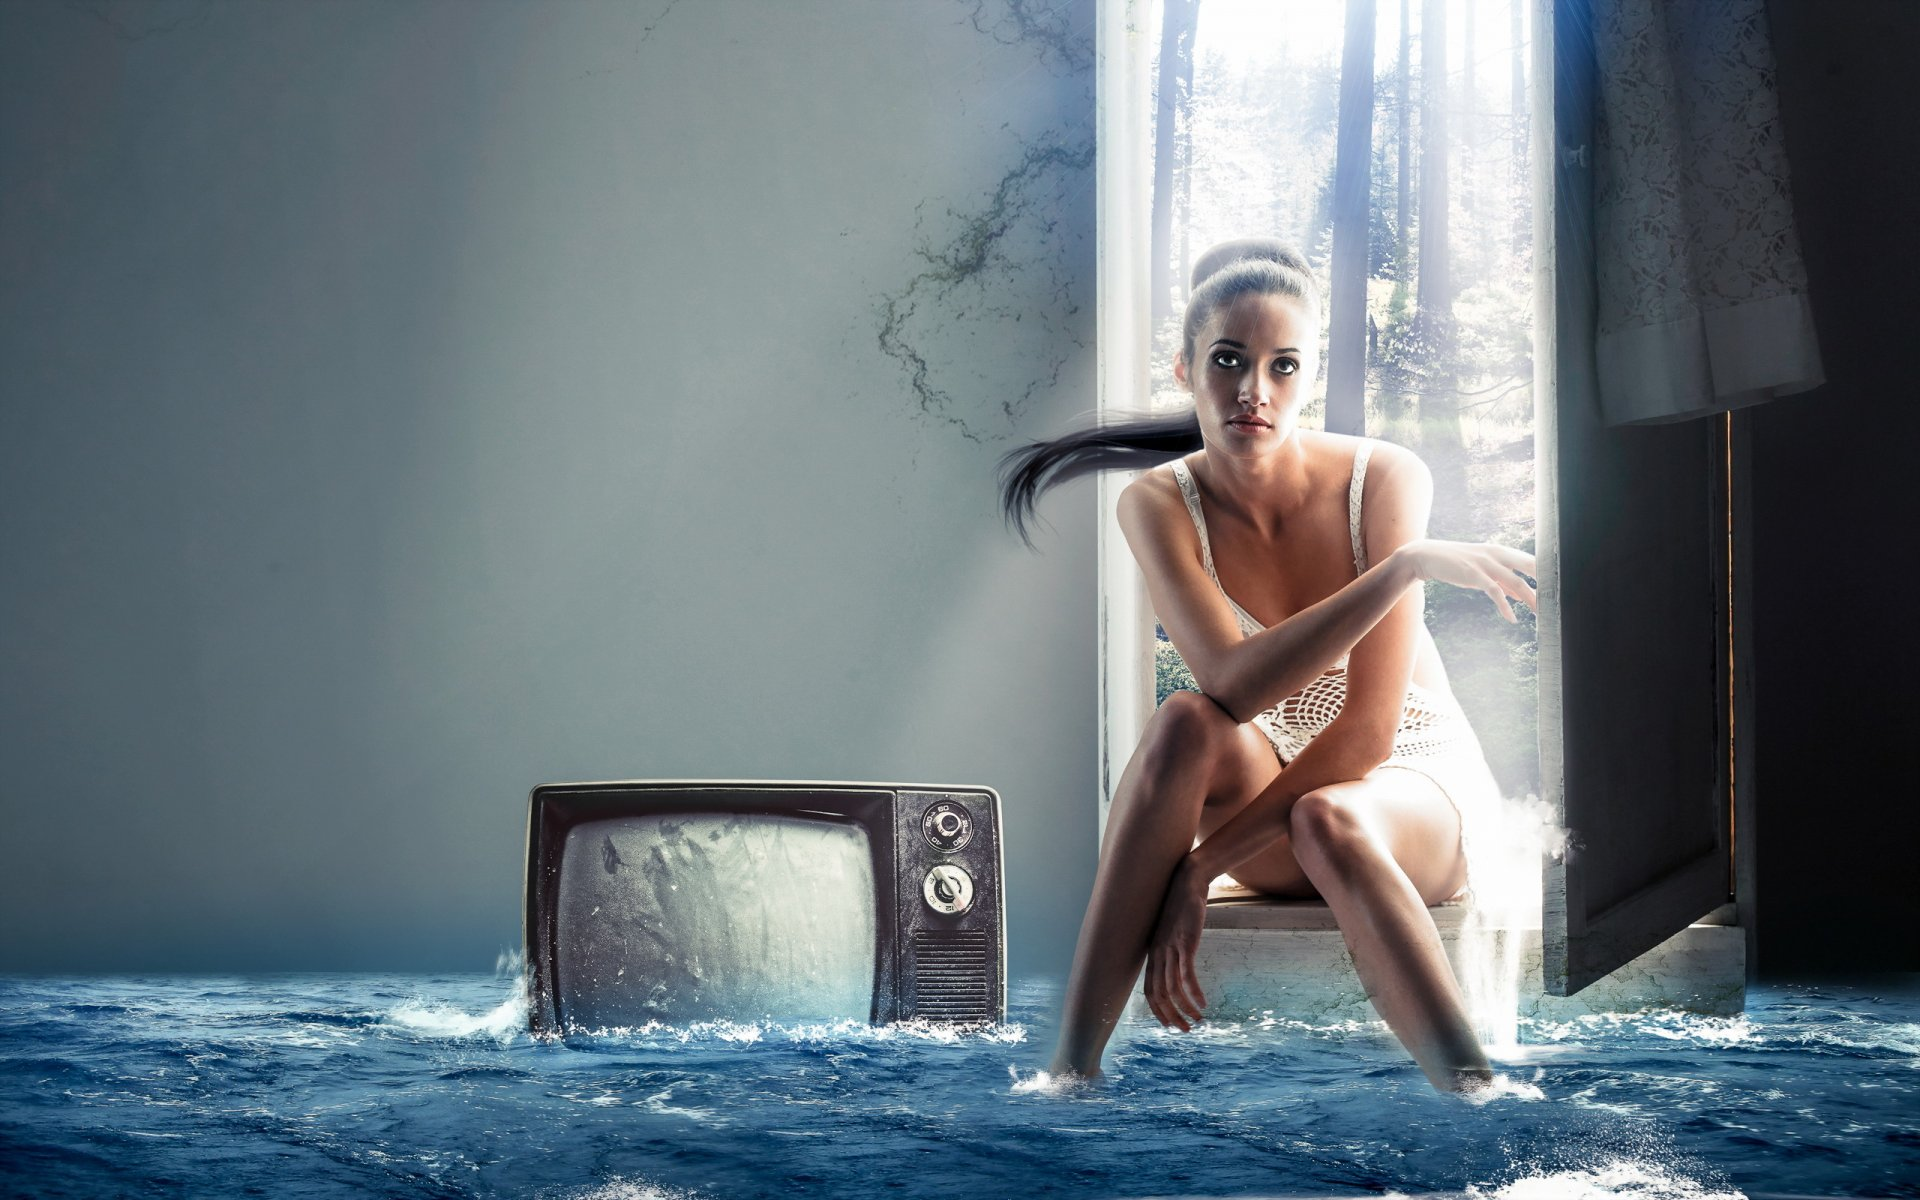 Голые девки на фоне старых телевизоров фото кажется